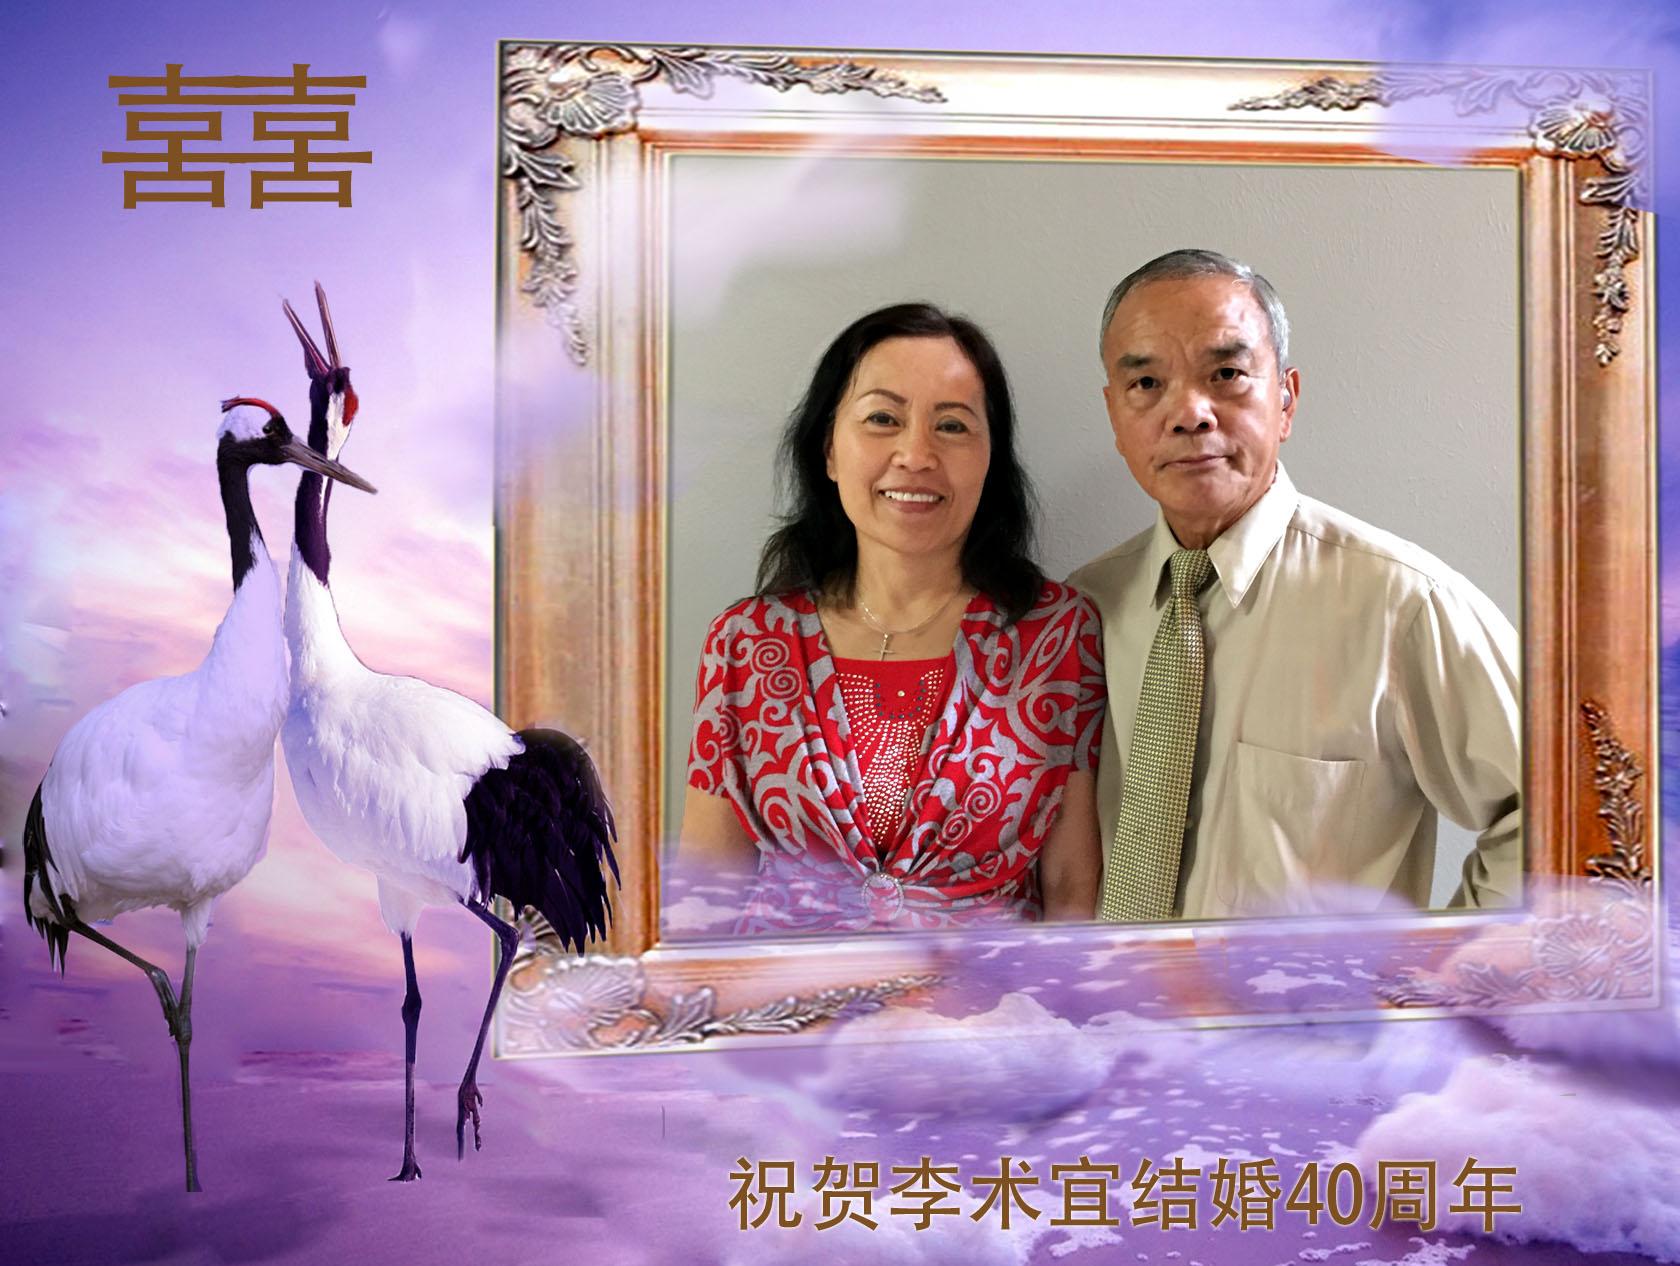 周年 結婚 40